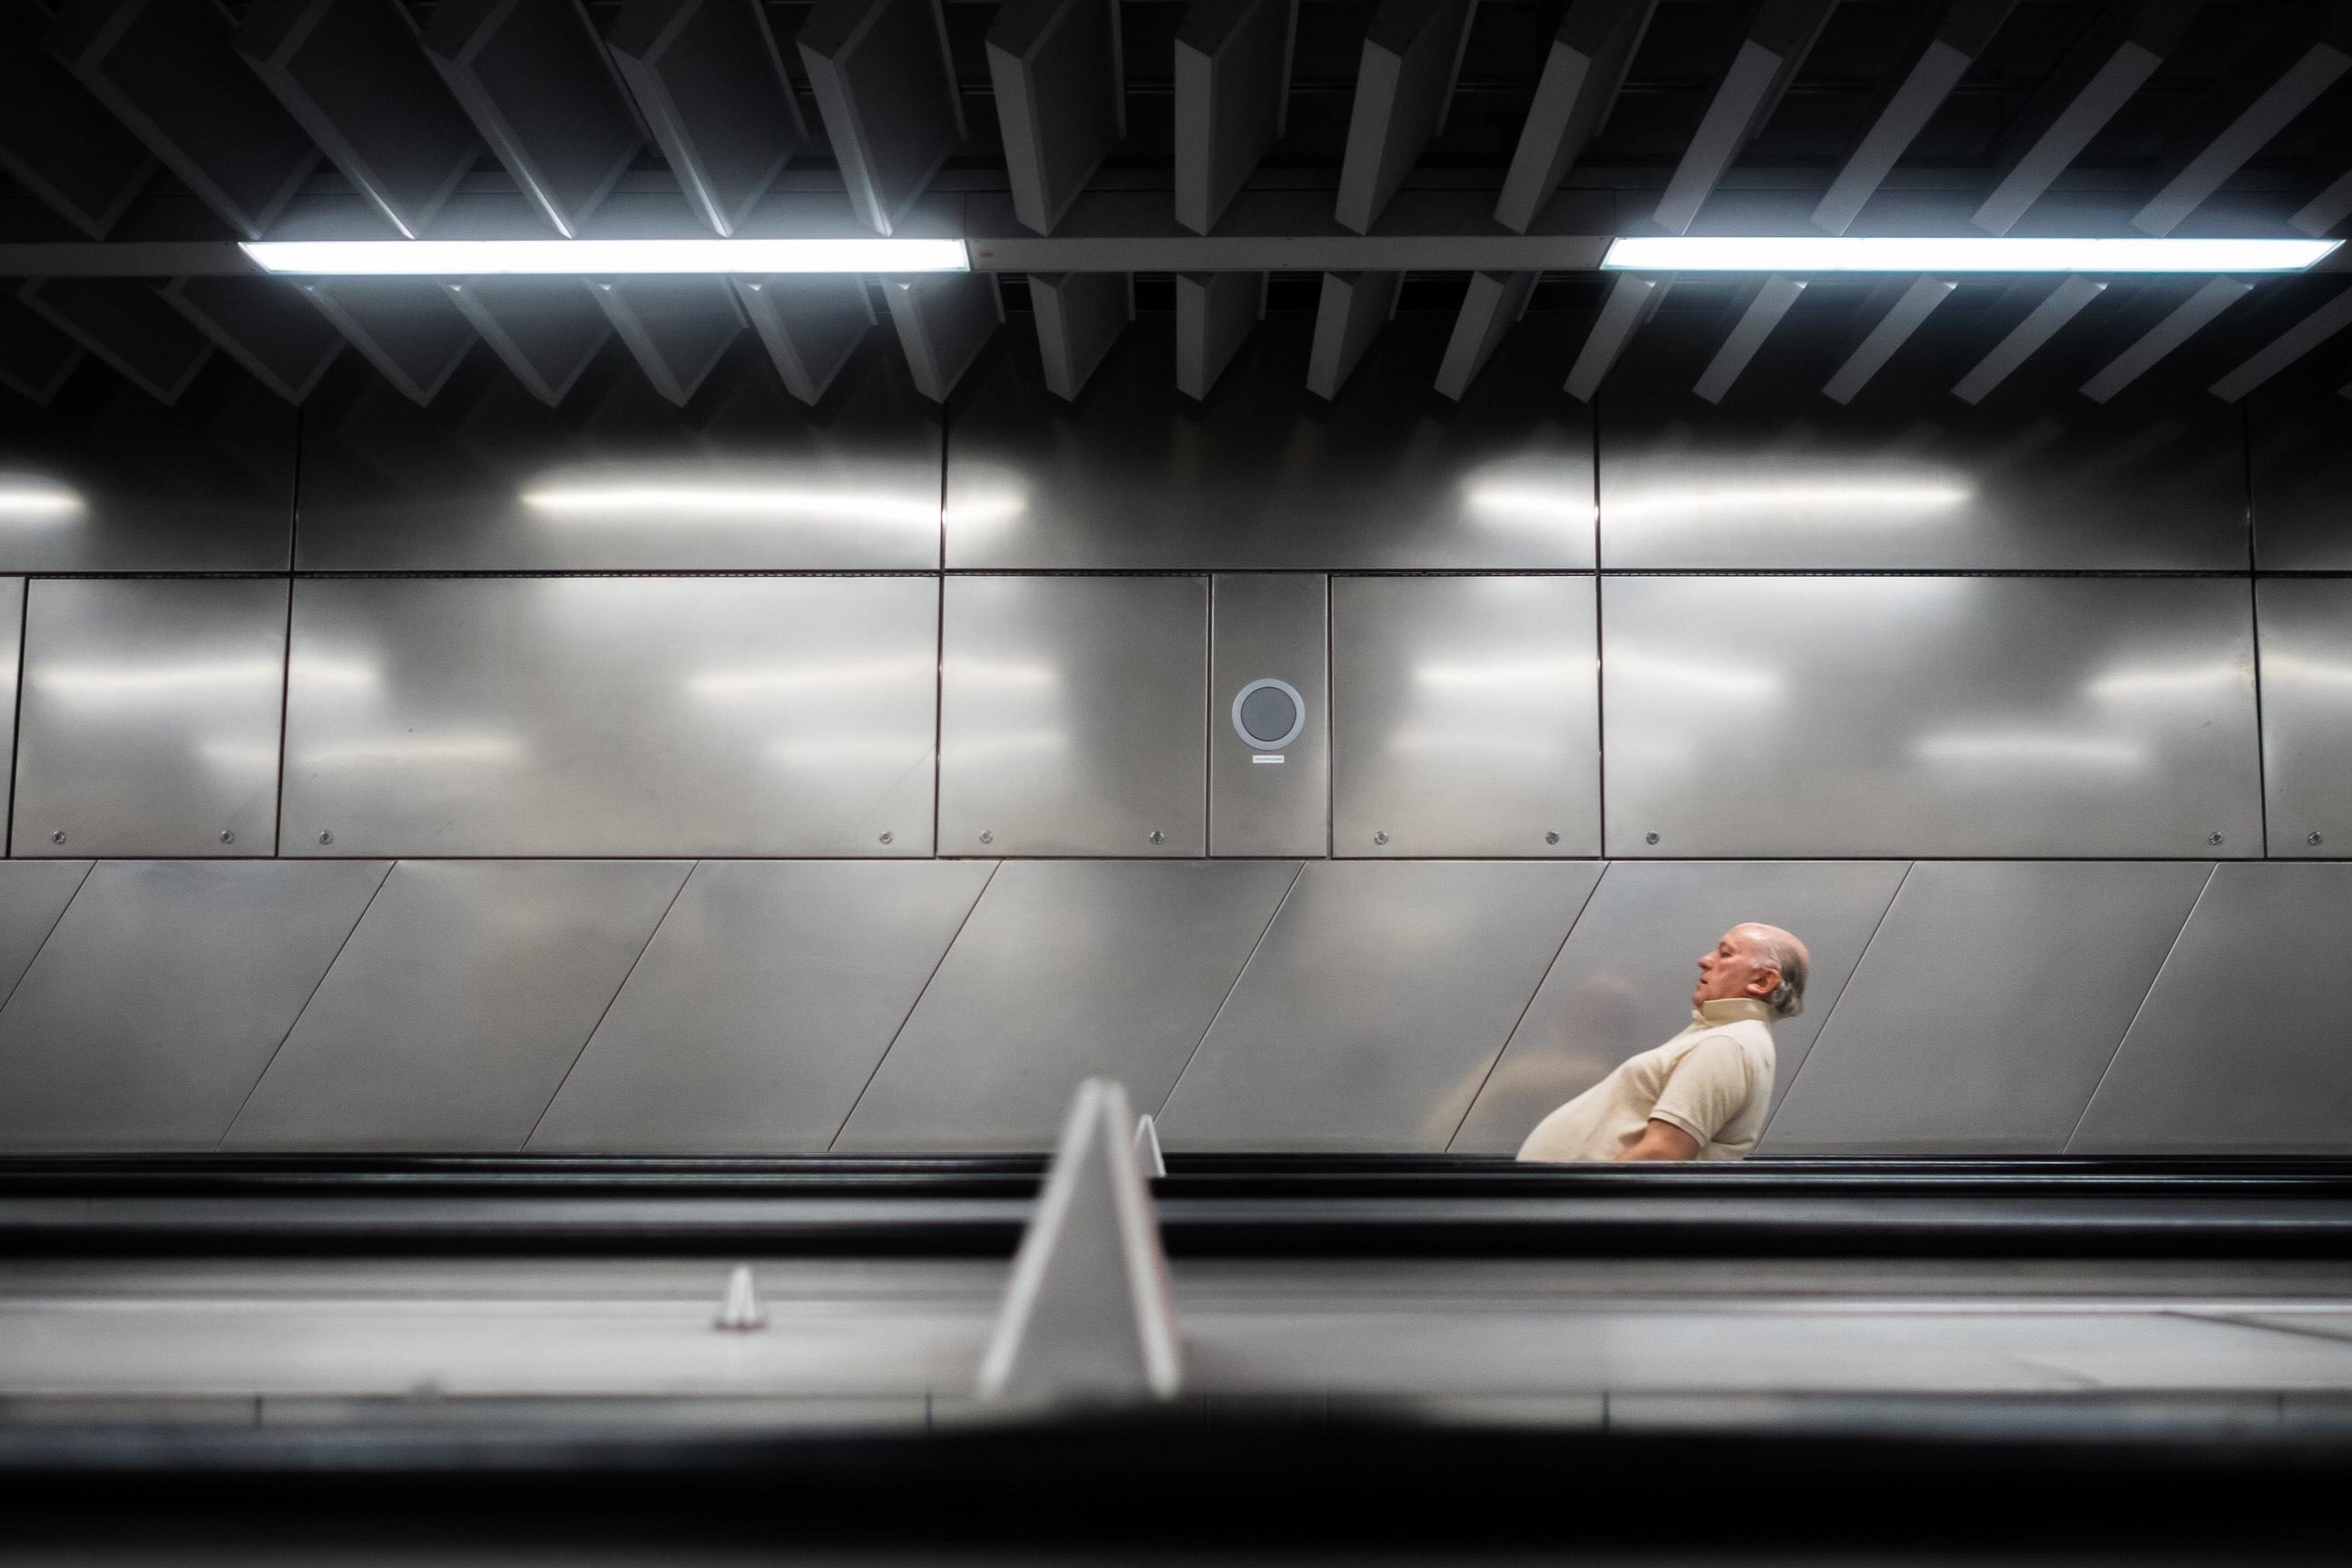 lambeth north craig reilly london underground